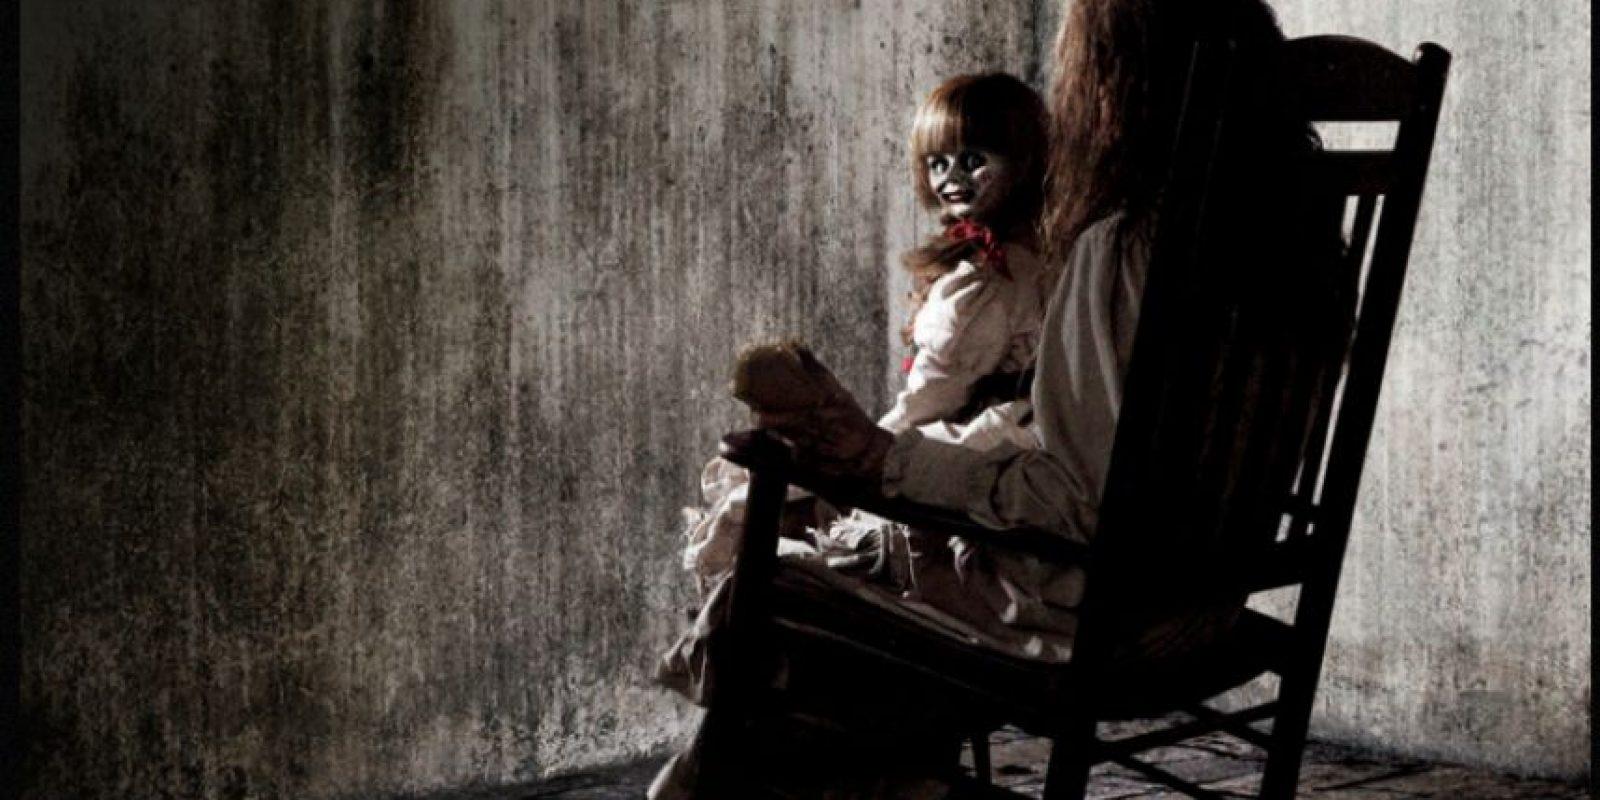 1. El conjuro (2013): Cuenta la historia de Lorraine y Ed Warren, una pareja exitosa que estudia hechos paranormales alrededor del mundo, quienes llegan a una granja de Rhode Island a investigar los fenómenos paranormales que allí se presentan. Foto:Especial